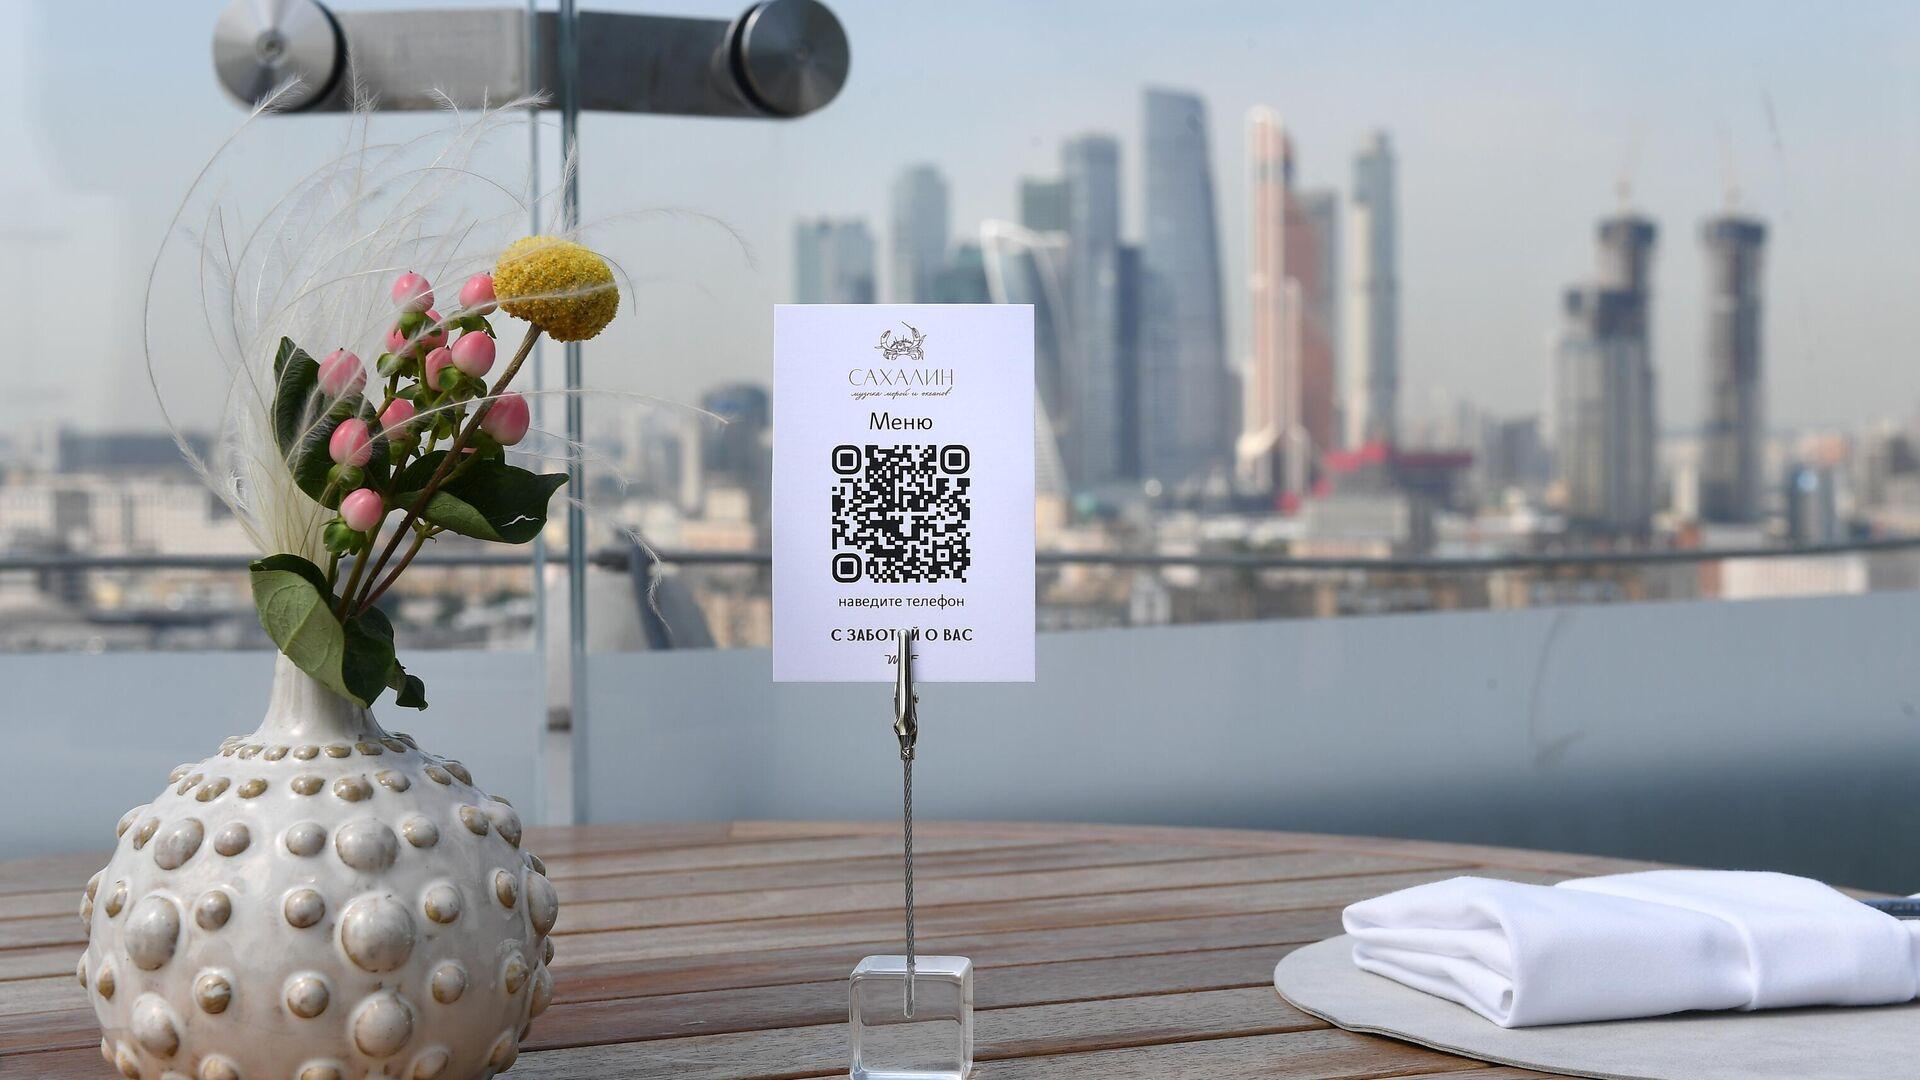 Электронное меню (QR код) на столике летней веранды ресторана Сахалин в Москве - РИА Новости, 1920, 01.07.2021